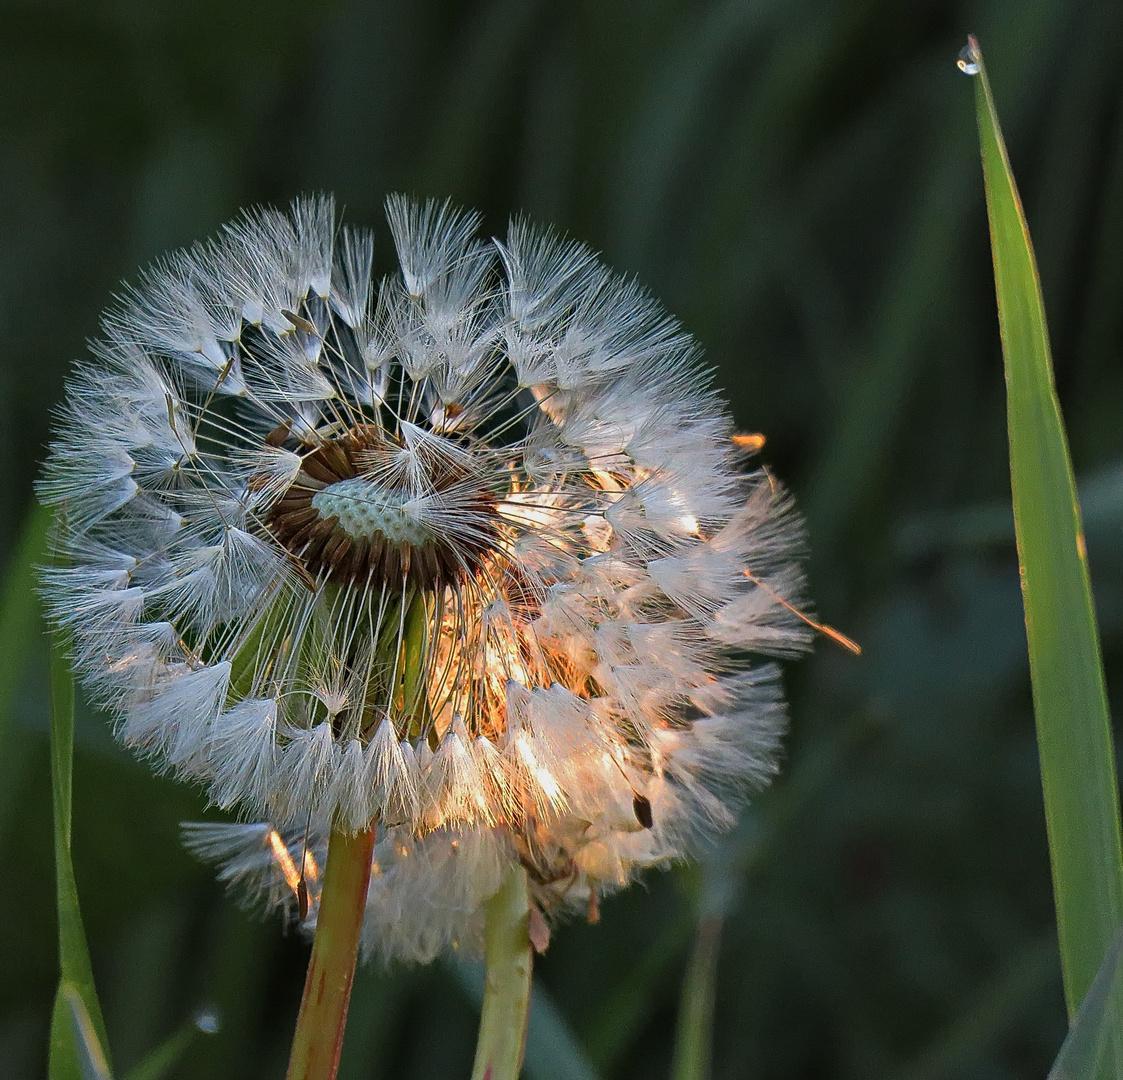 erste Sonntags Morgensonne für 2 Pusteblumen,